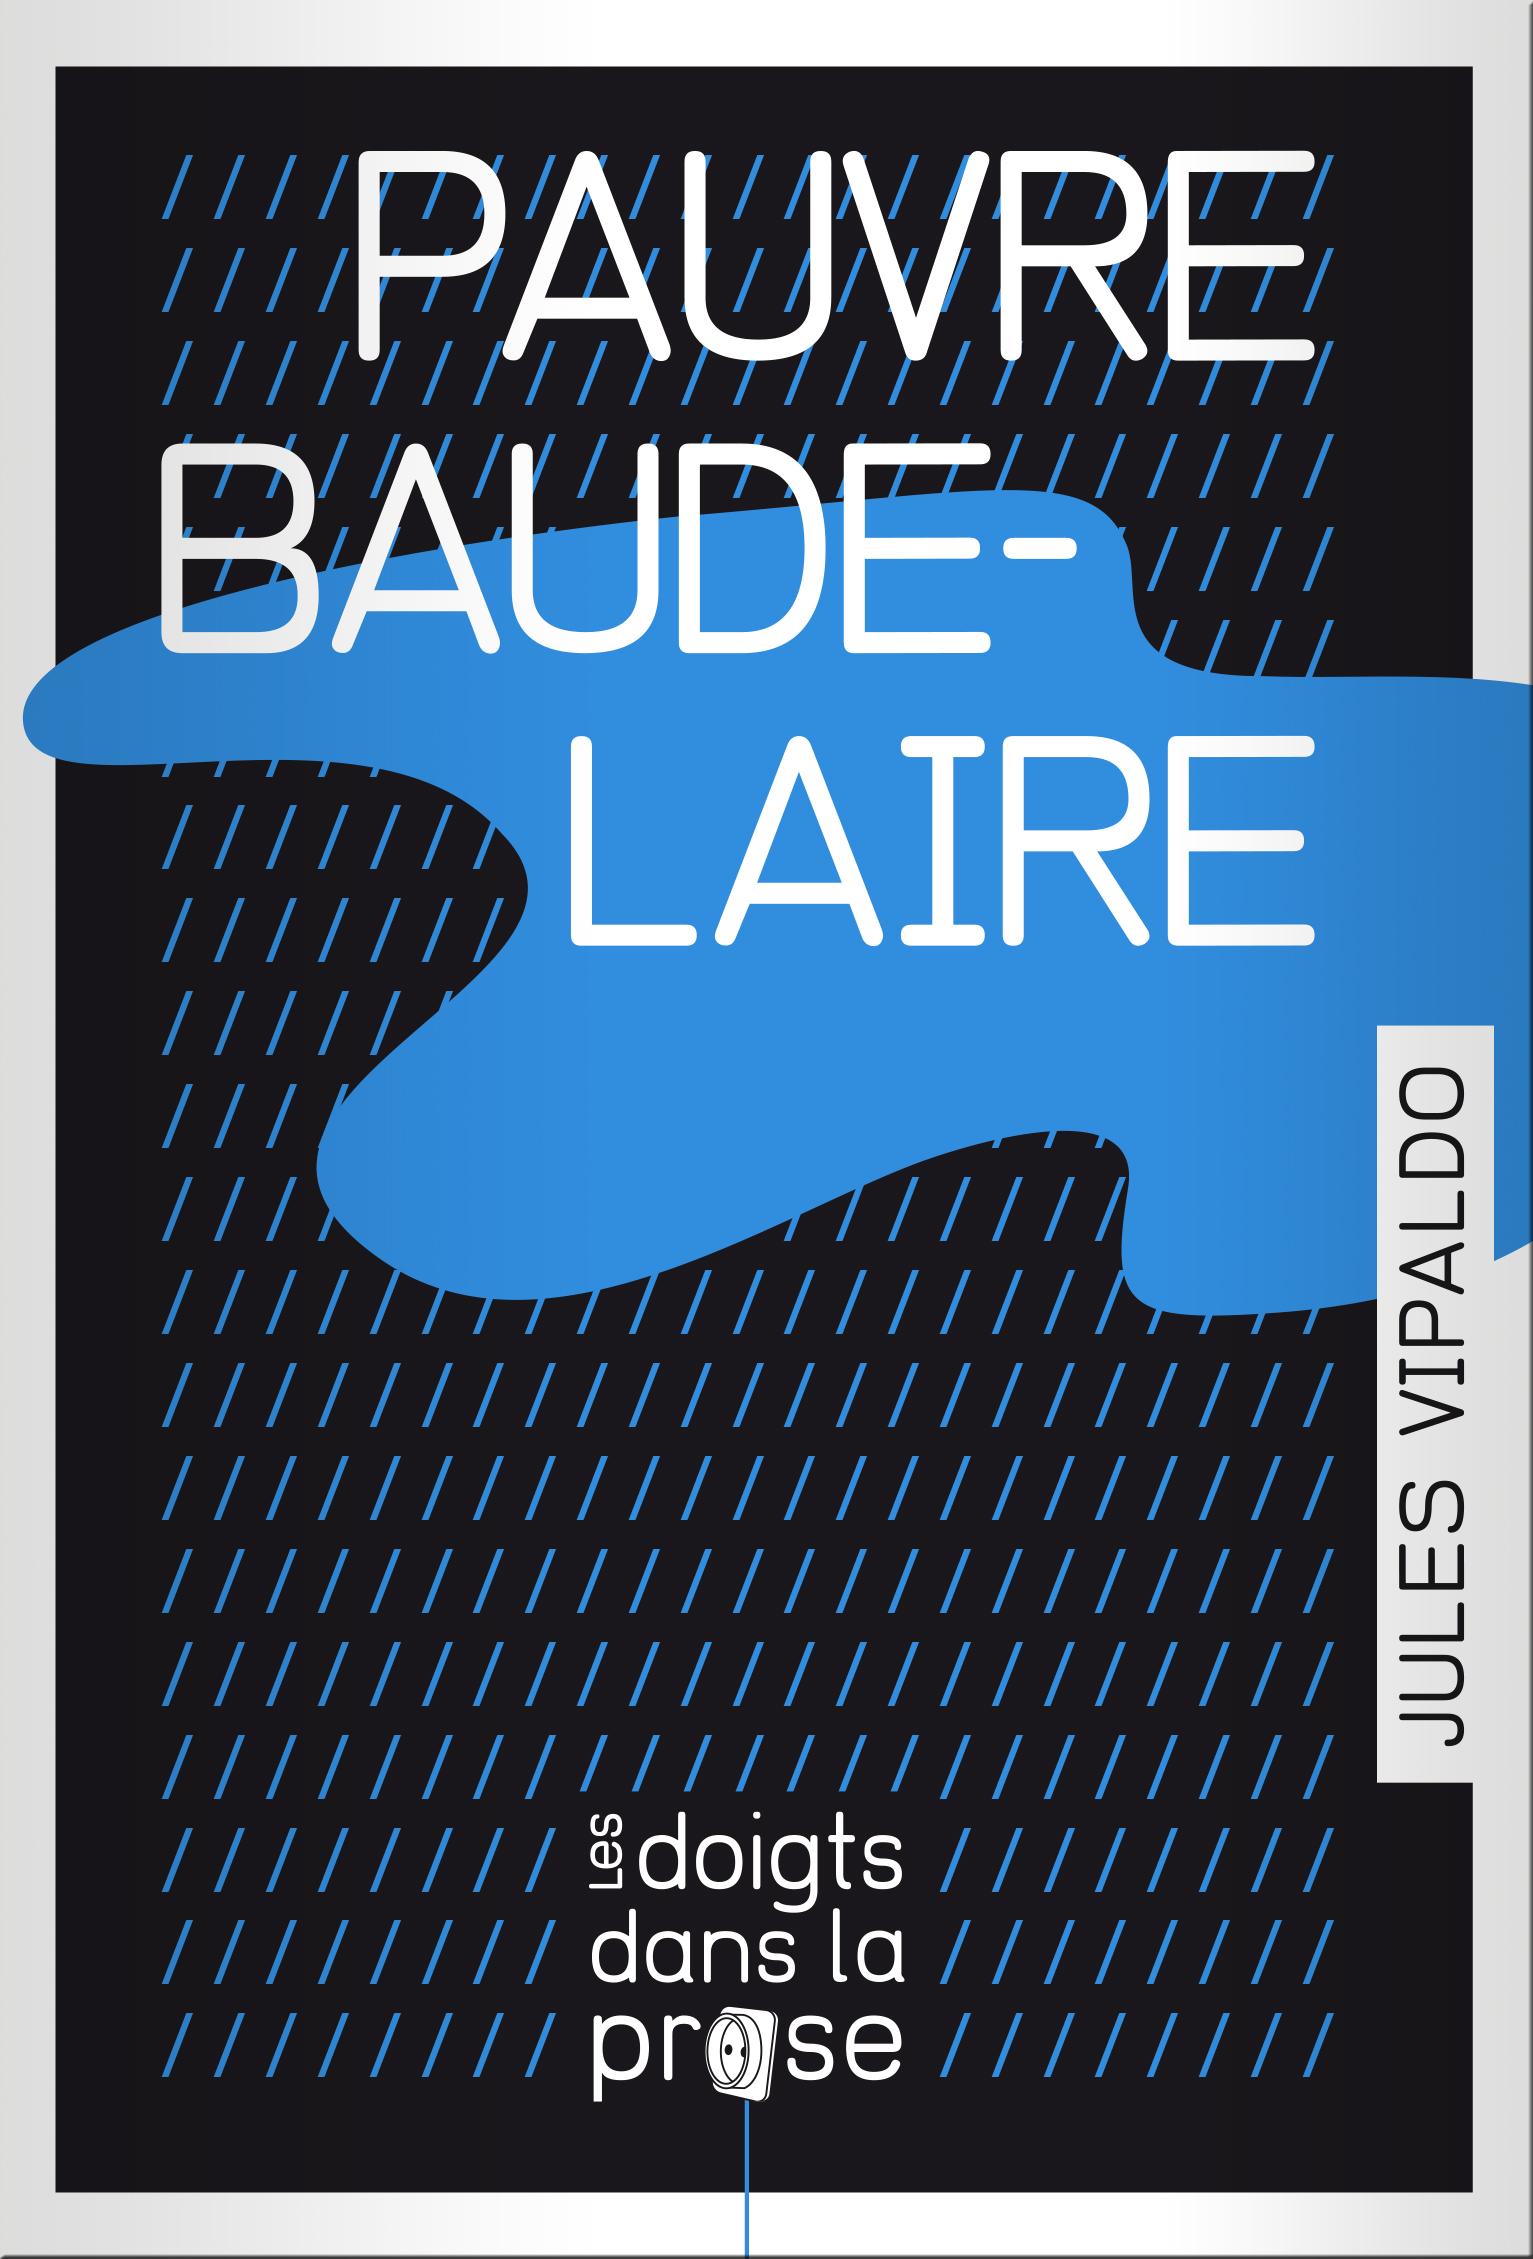 Baudelaire-couverture-aplat